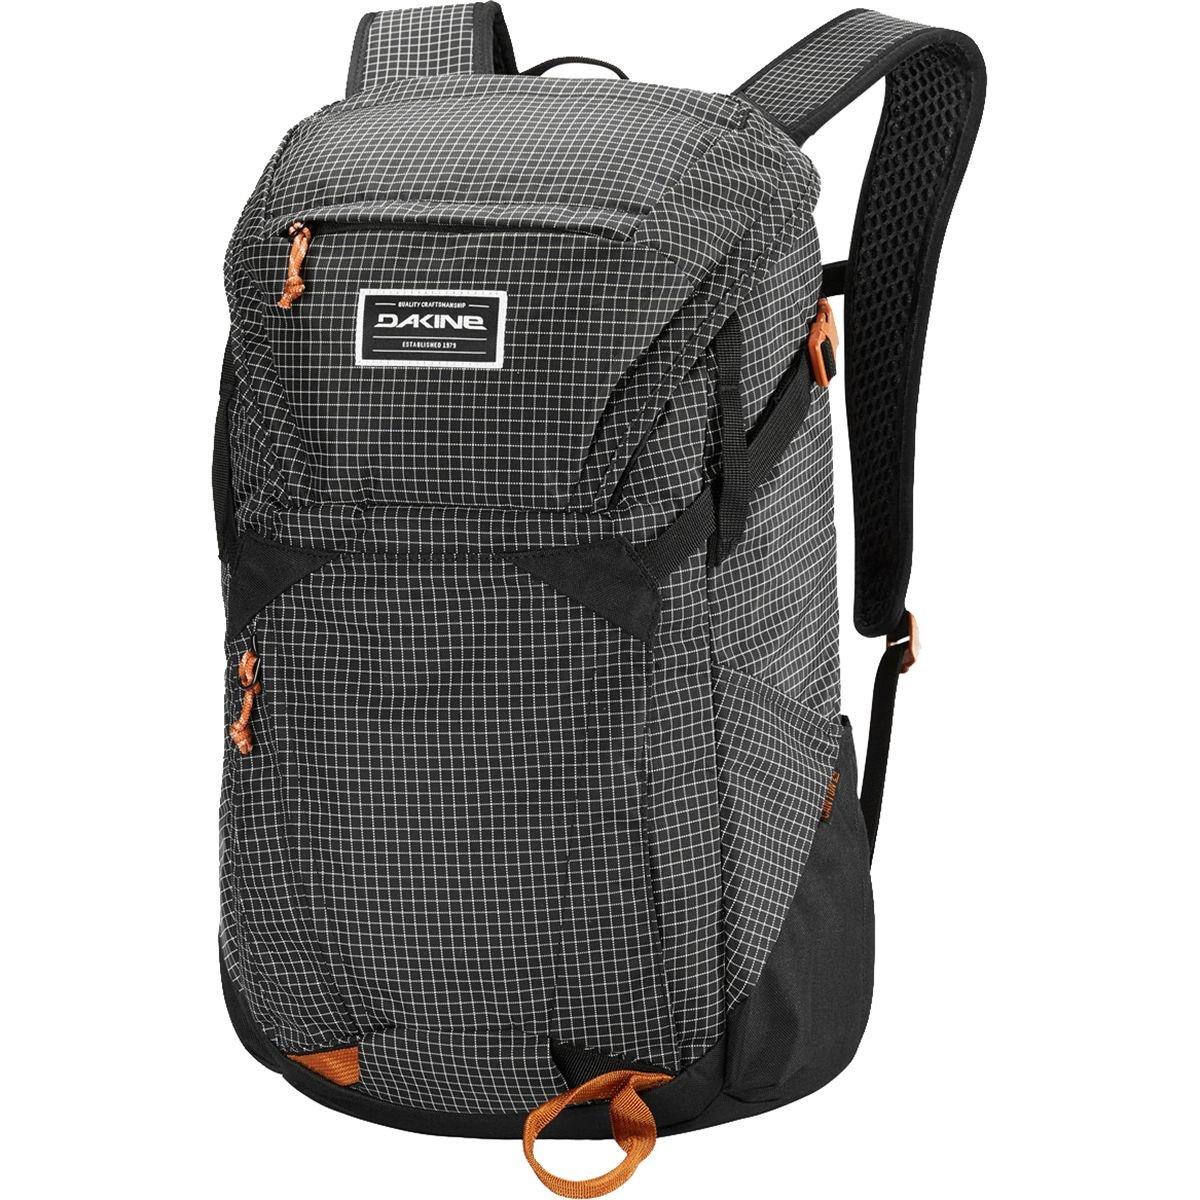 (ダカイン) DAKINE Canyon 24L Backpackメンズ バックパック リュック Rincon [並行輸入品]   B07H57LHBM